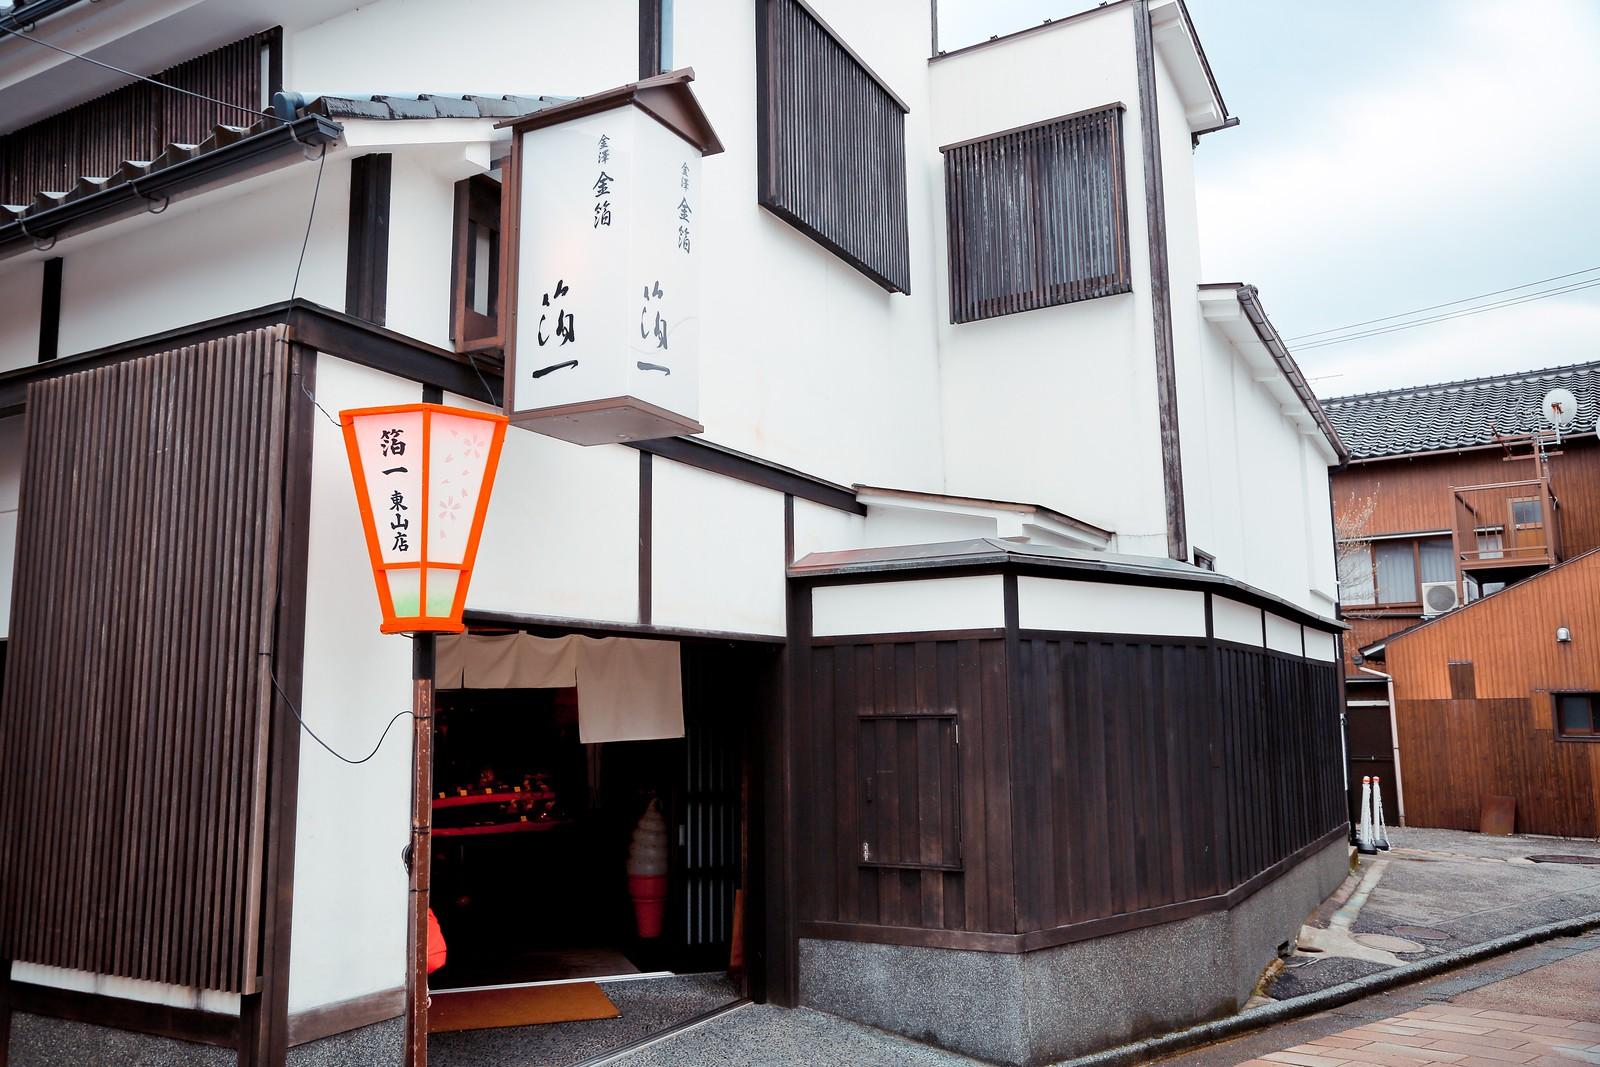 金沢 東山ひがし (東山茶屋街)